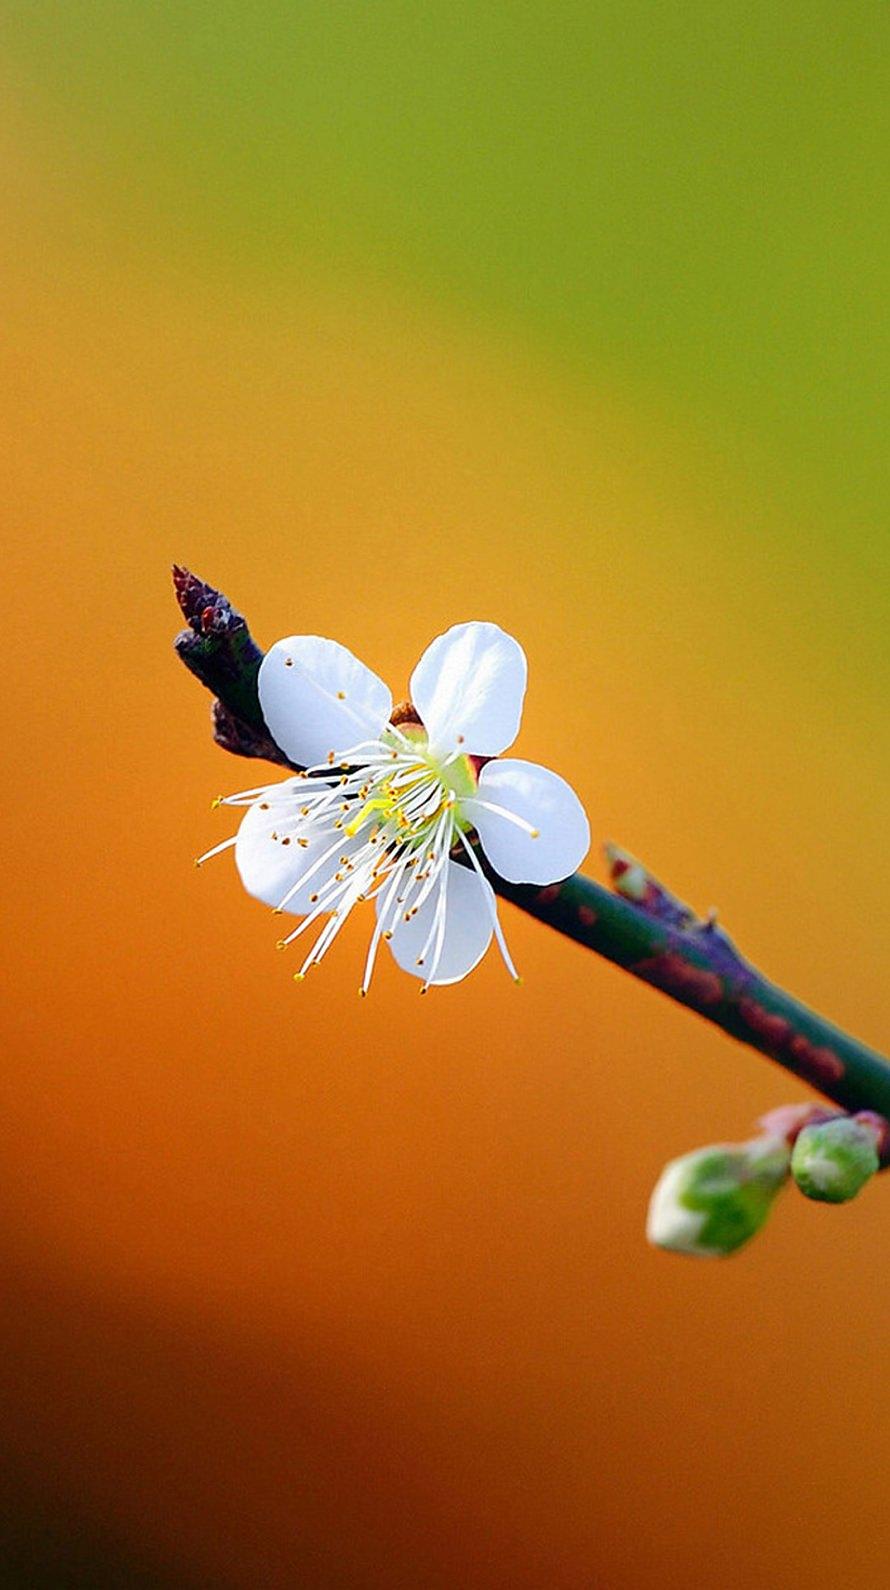 かわいい白の梅の花 Iphone6壁紙 Wallpaperbox